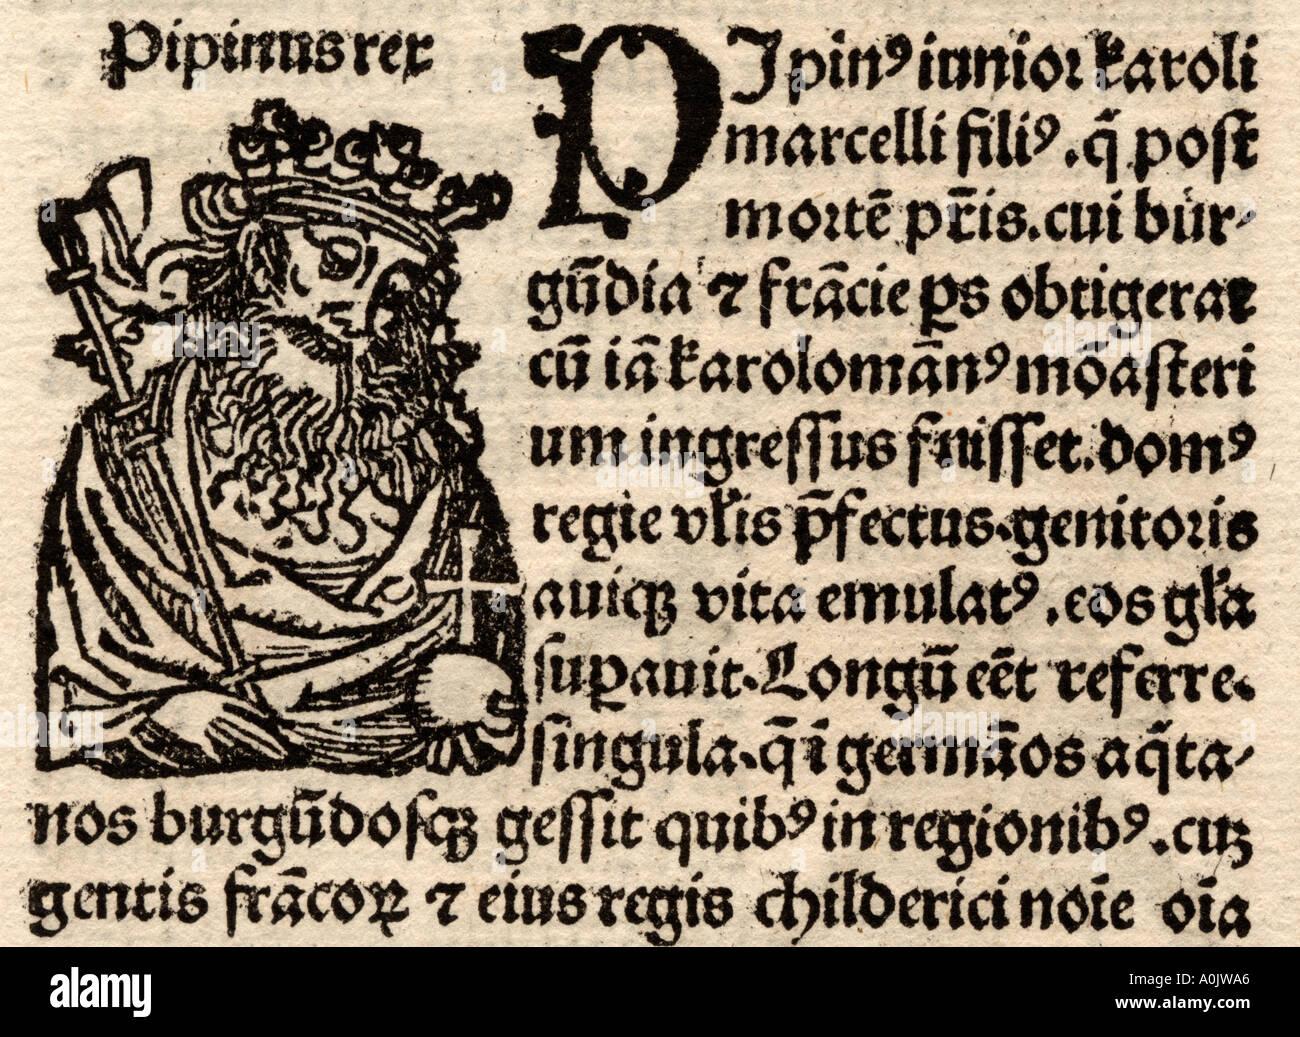 Detail vom original Inkunabel-Blatt in lateinischer Sprache von Hartmut Schedel Liber Chronicorum gedruckt durch Stockbild